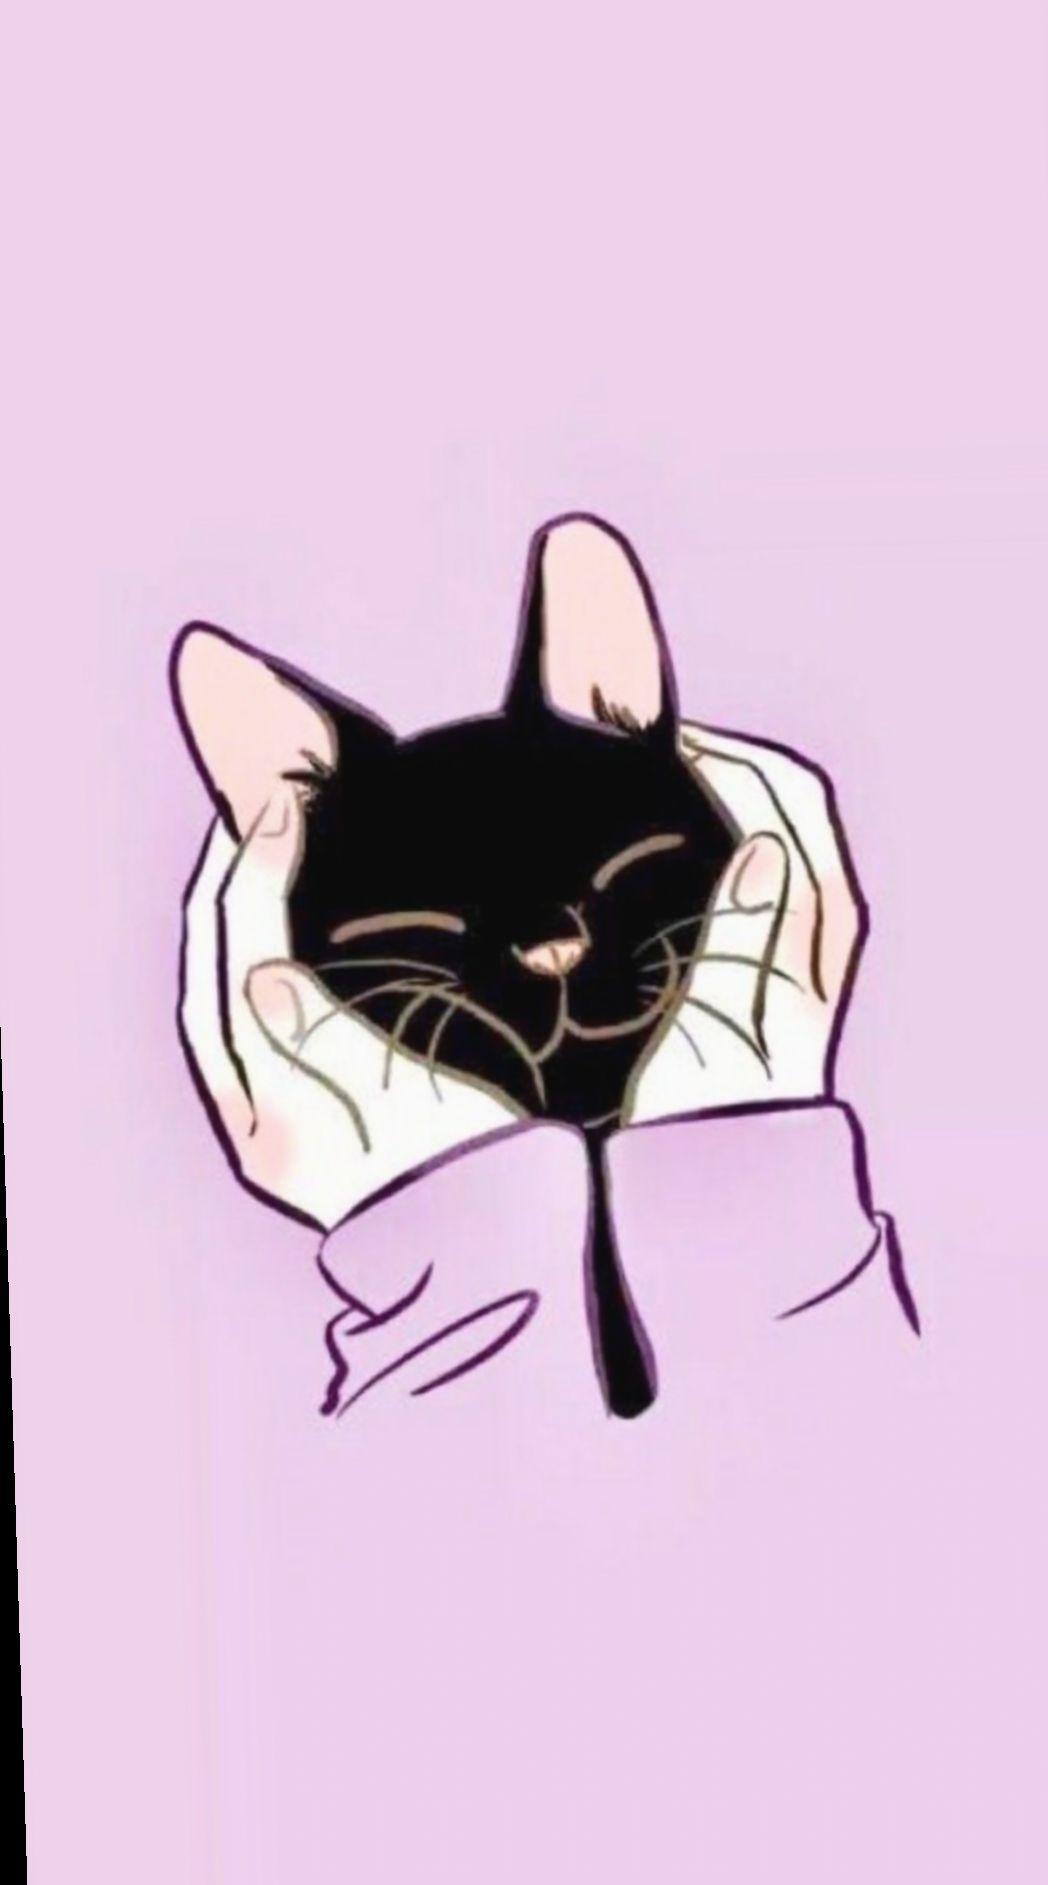 Cute Illustration Cat Kawaii Candy Ensaioinfantil Mundorosa Kitten Wallpaper Cat Wallpaper Cute Cartoon Wallpapers